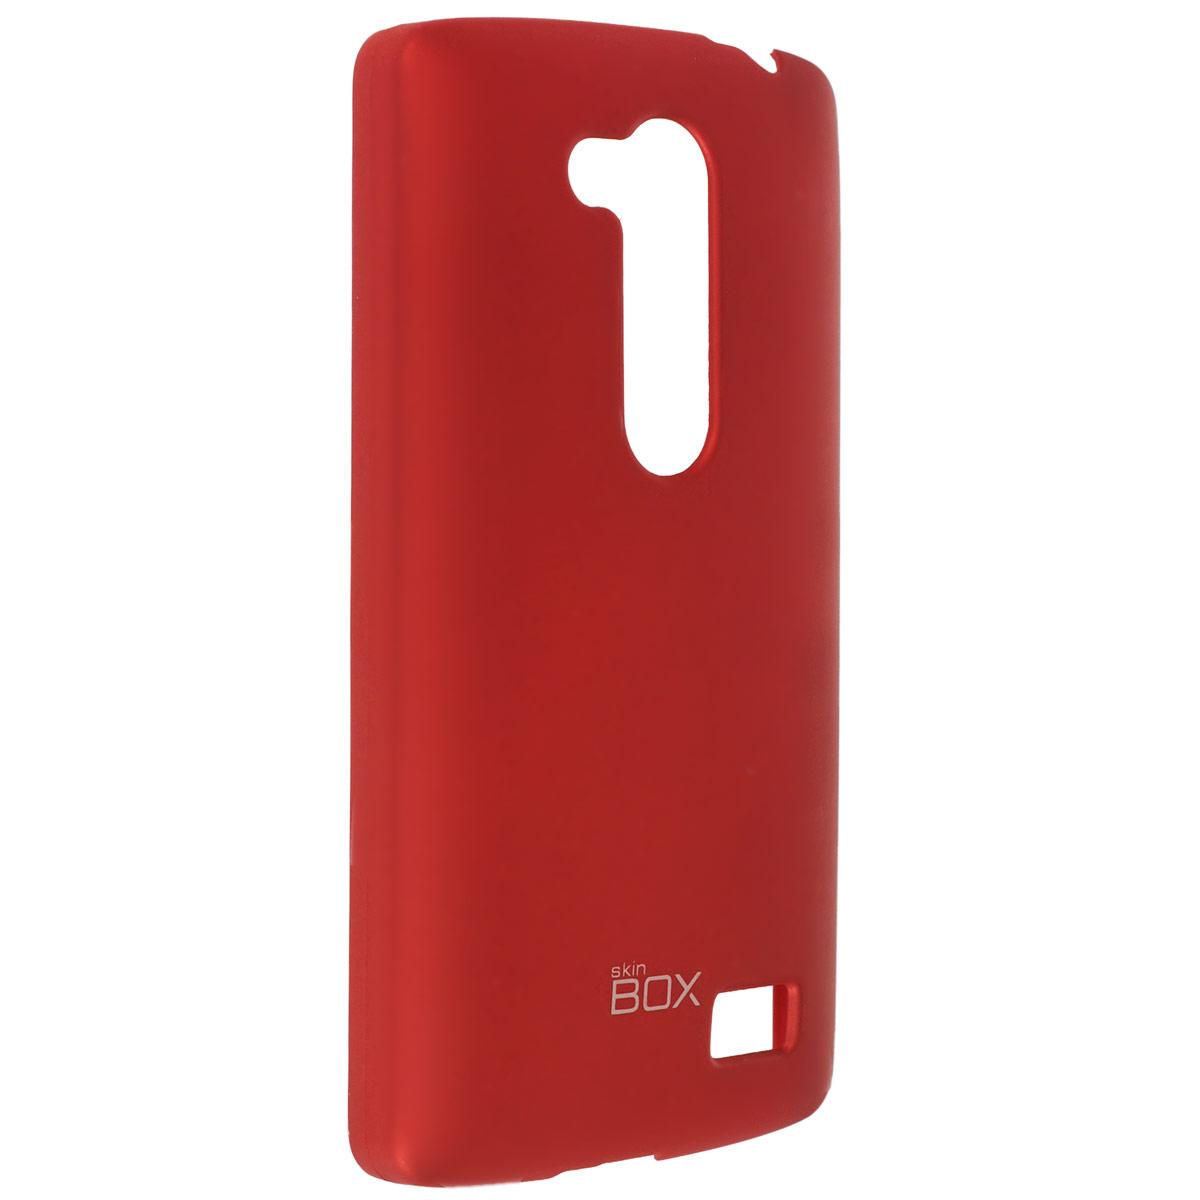 Skinbox Shield 4People чехол для LG Fino, RedT-S-LF-002Чехол Skinbox Shield 4People для LG Fino предназначен для защиты корпуса смартфона от механических повреждений и царапин в процессе эксплуатации. Имеется свободный доступ ко всем разъемам и кнопкам устройства. В комплект также входит защитная пленка на экран телефона.